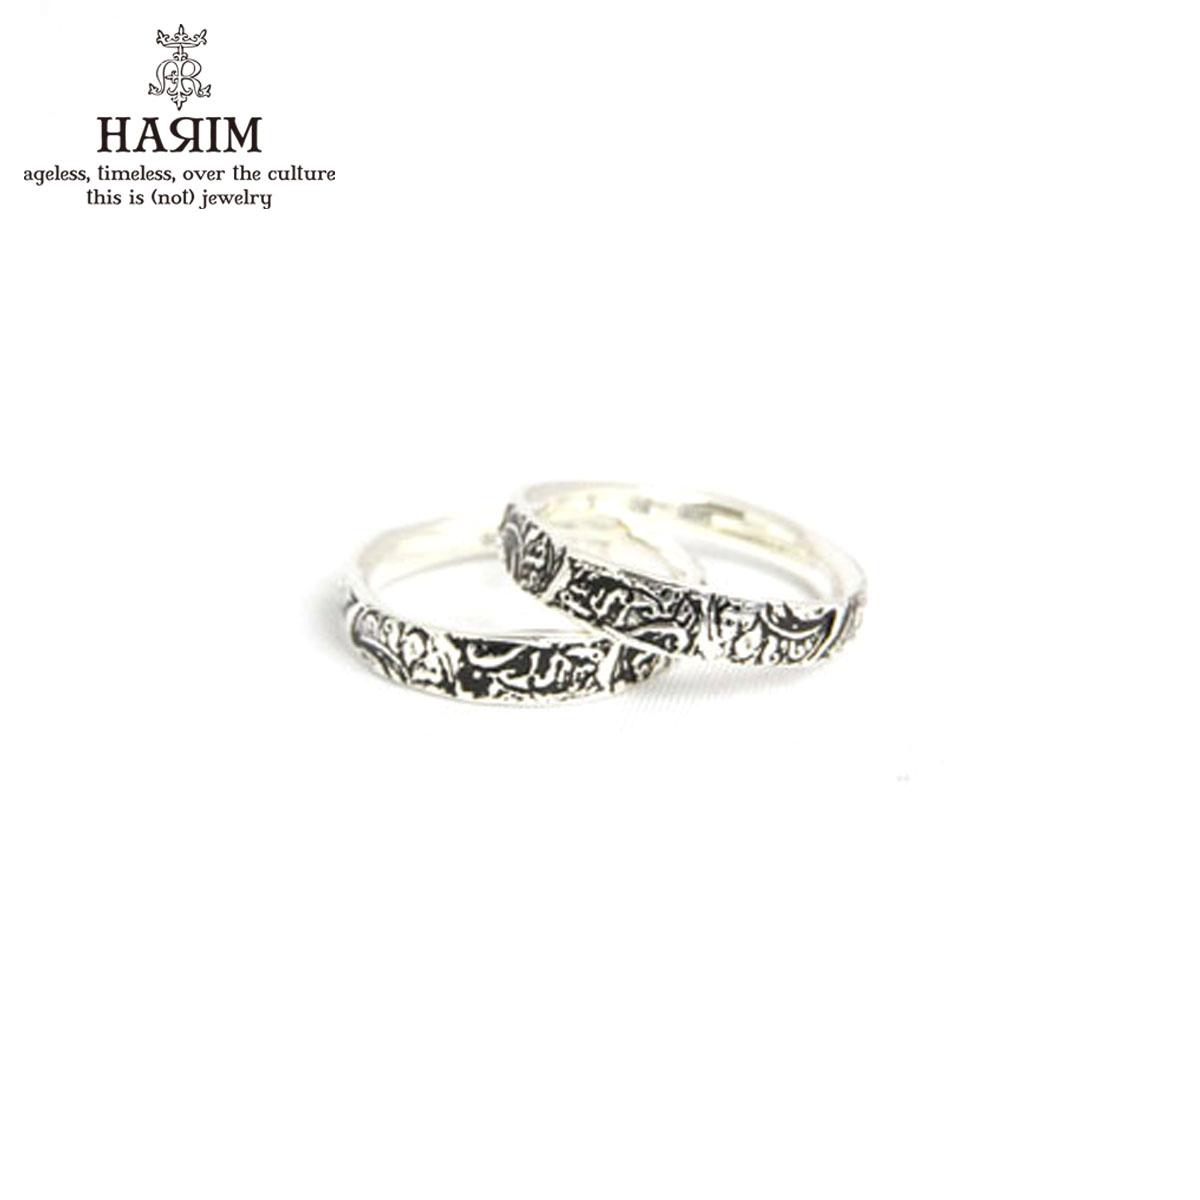 ハリム HARIM 正規販売店 指輪 リング arabesqu double ring silver